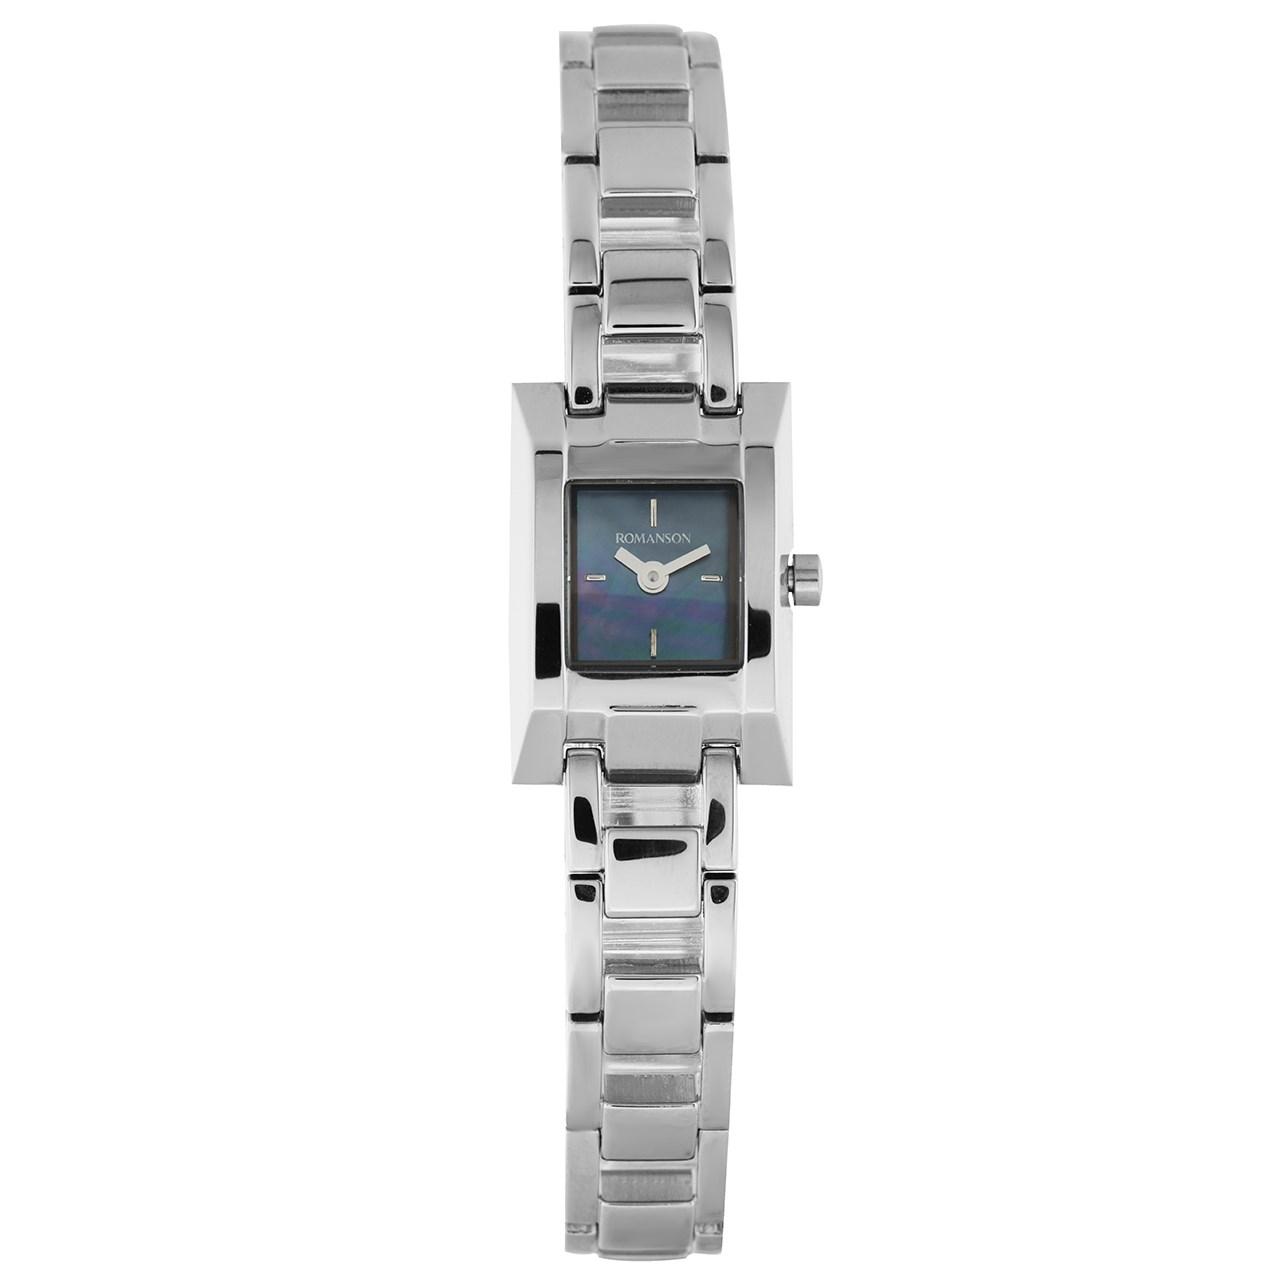 ساعت مچی عقربه ای زنانه رومانسون مدل RM9241LL1WM32W 39